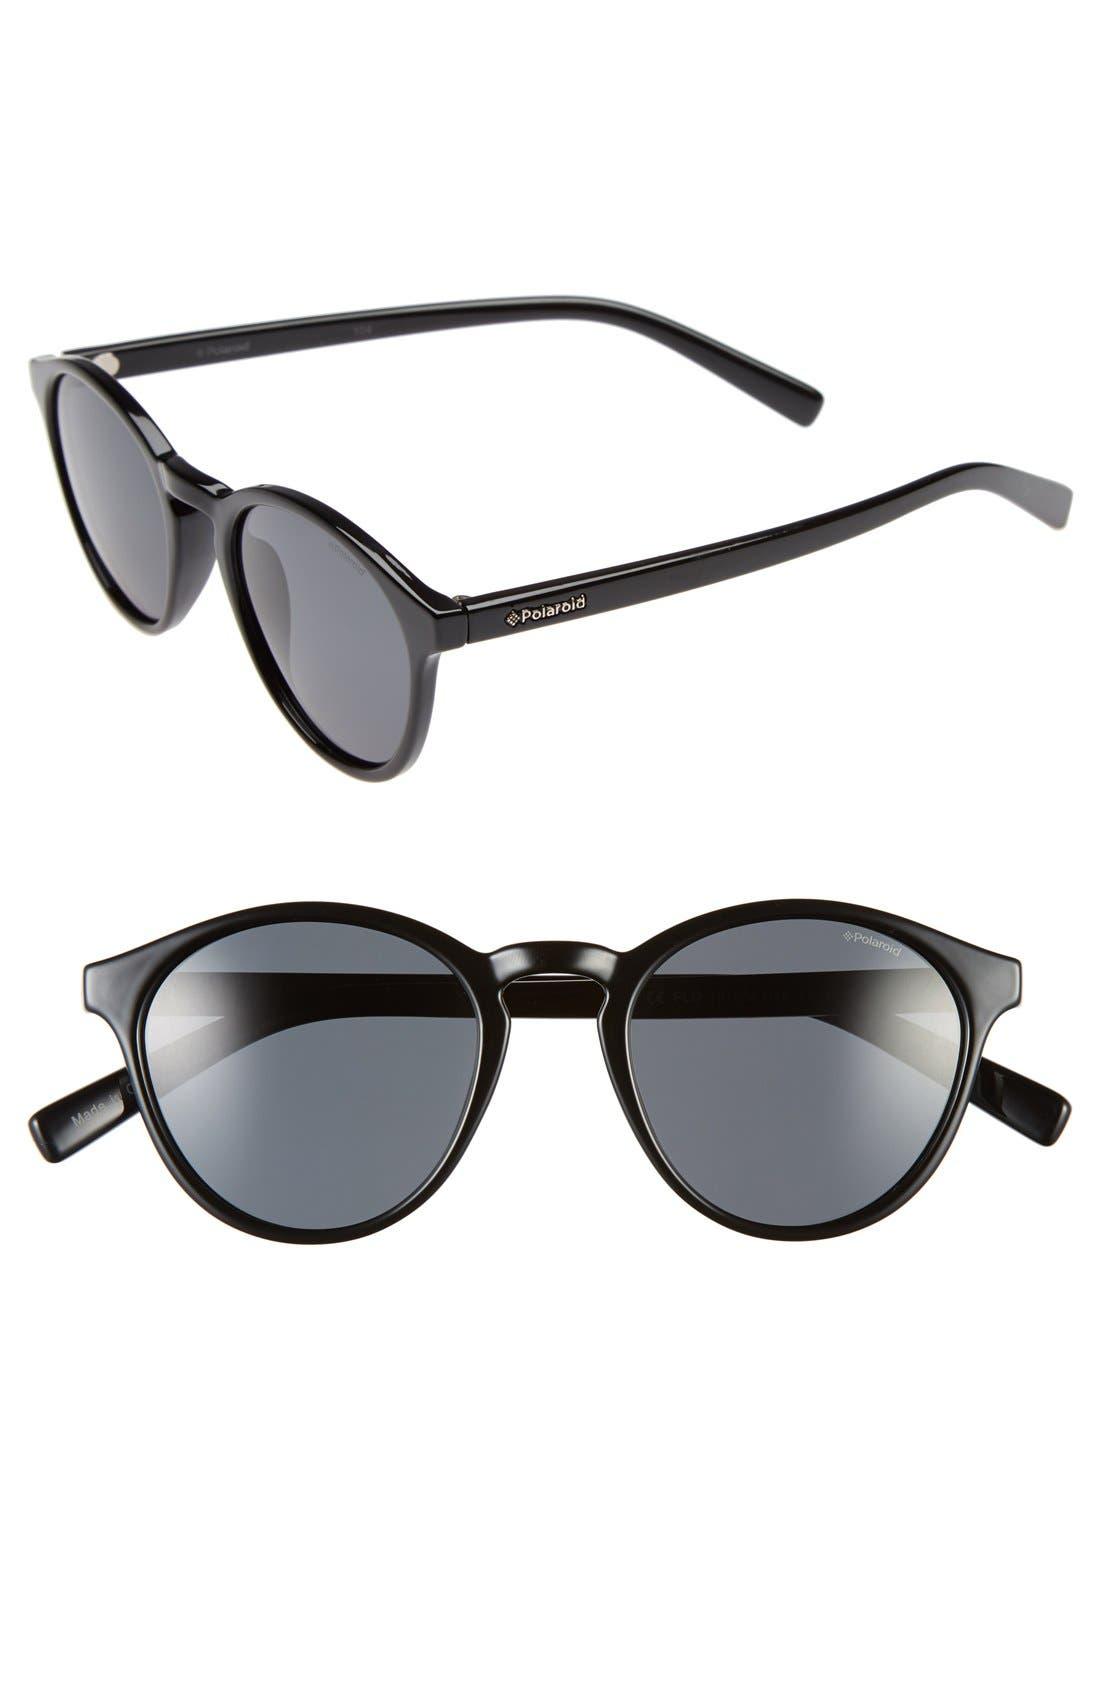 Alternate Image 1 Selected - Polaroid Eyewear 50mm Polarized Sunglasses